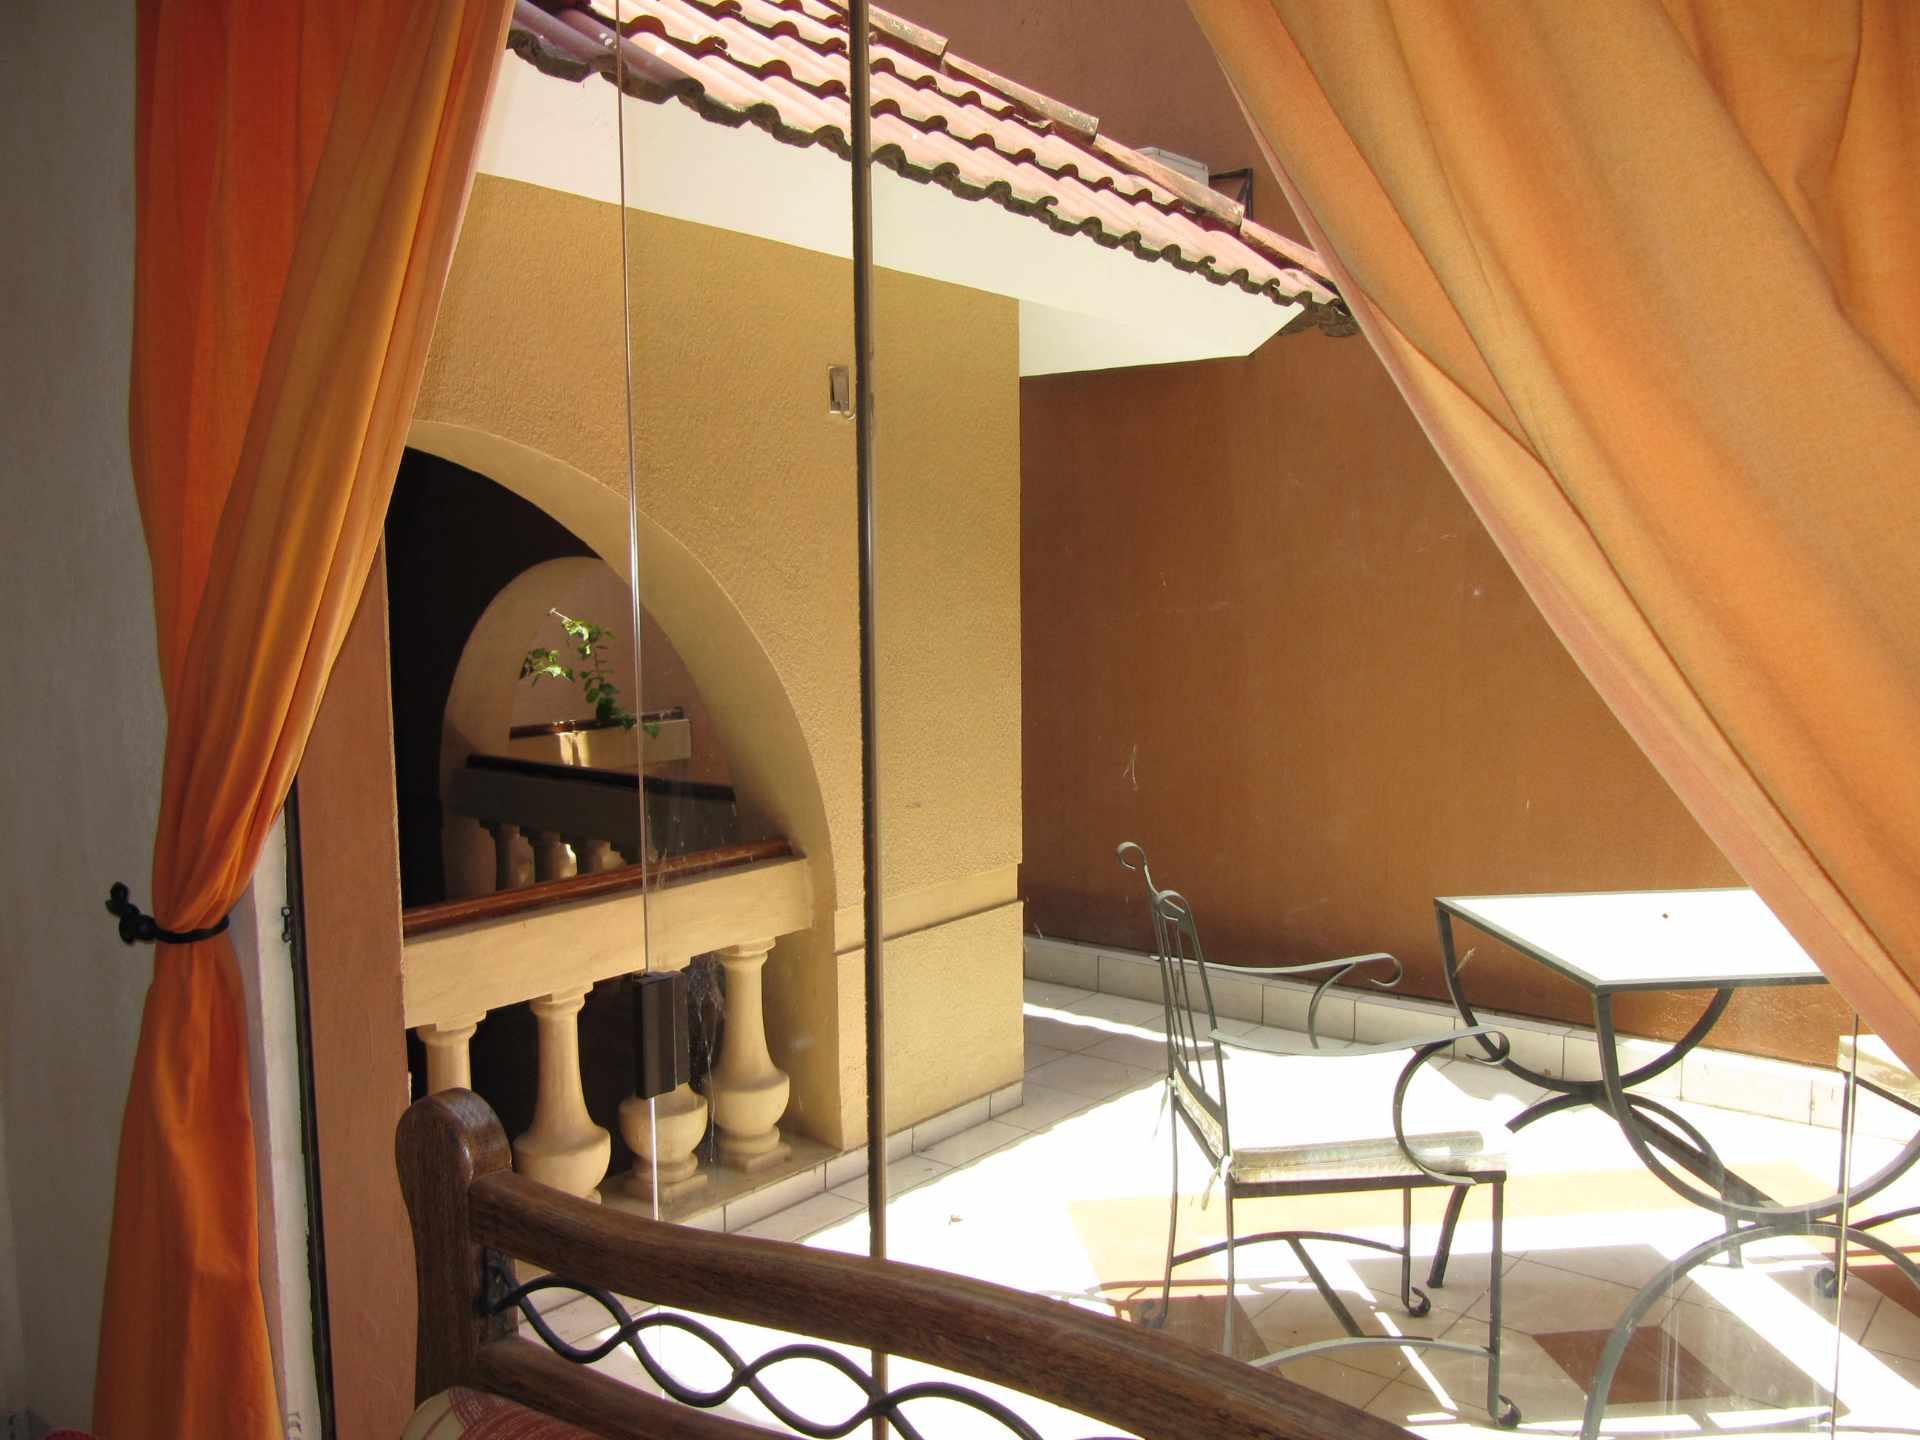 Departamento en Alquiler Buganvillas Suits & Spa - Roca y Coronado  Foto 3